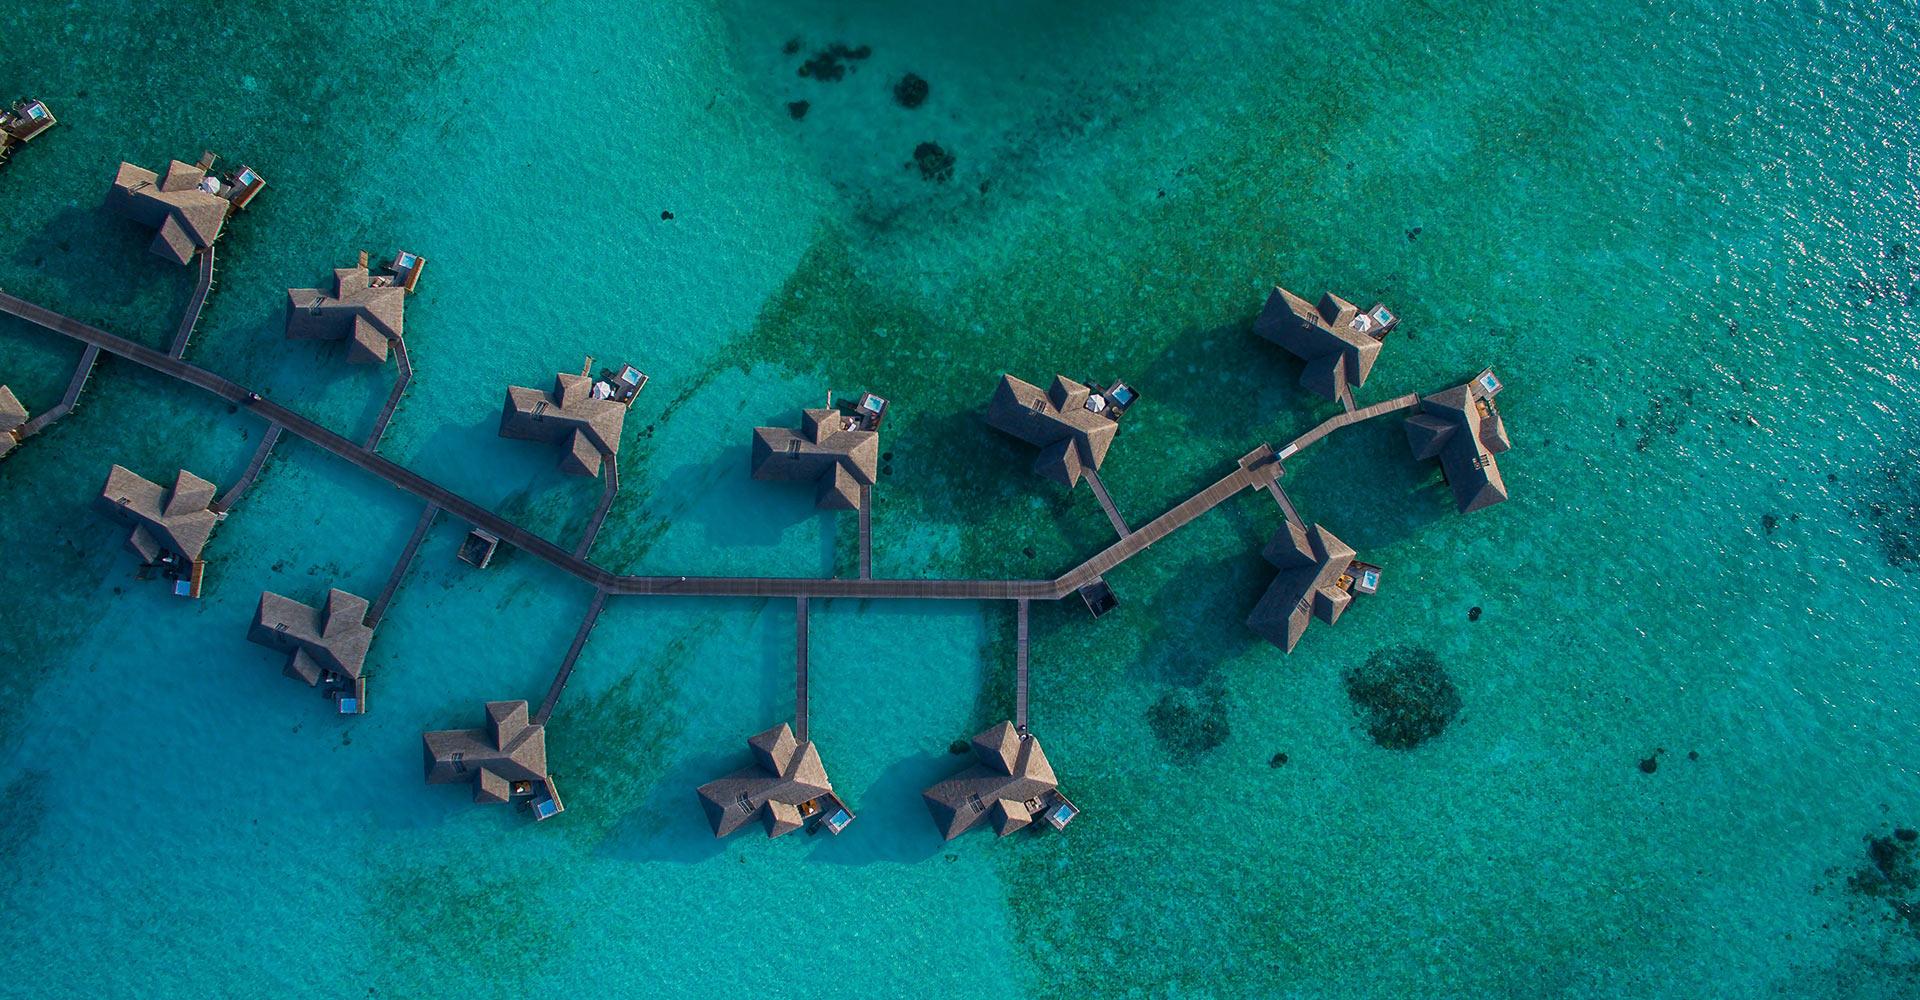 Pais Maldivas Asiviajo